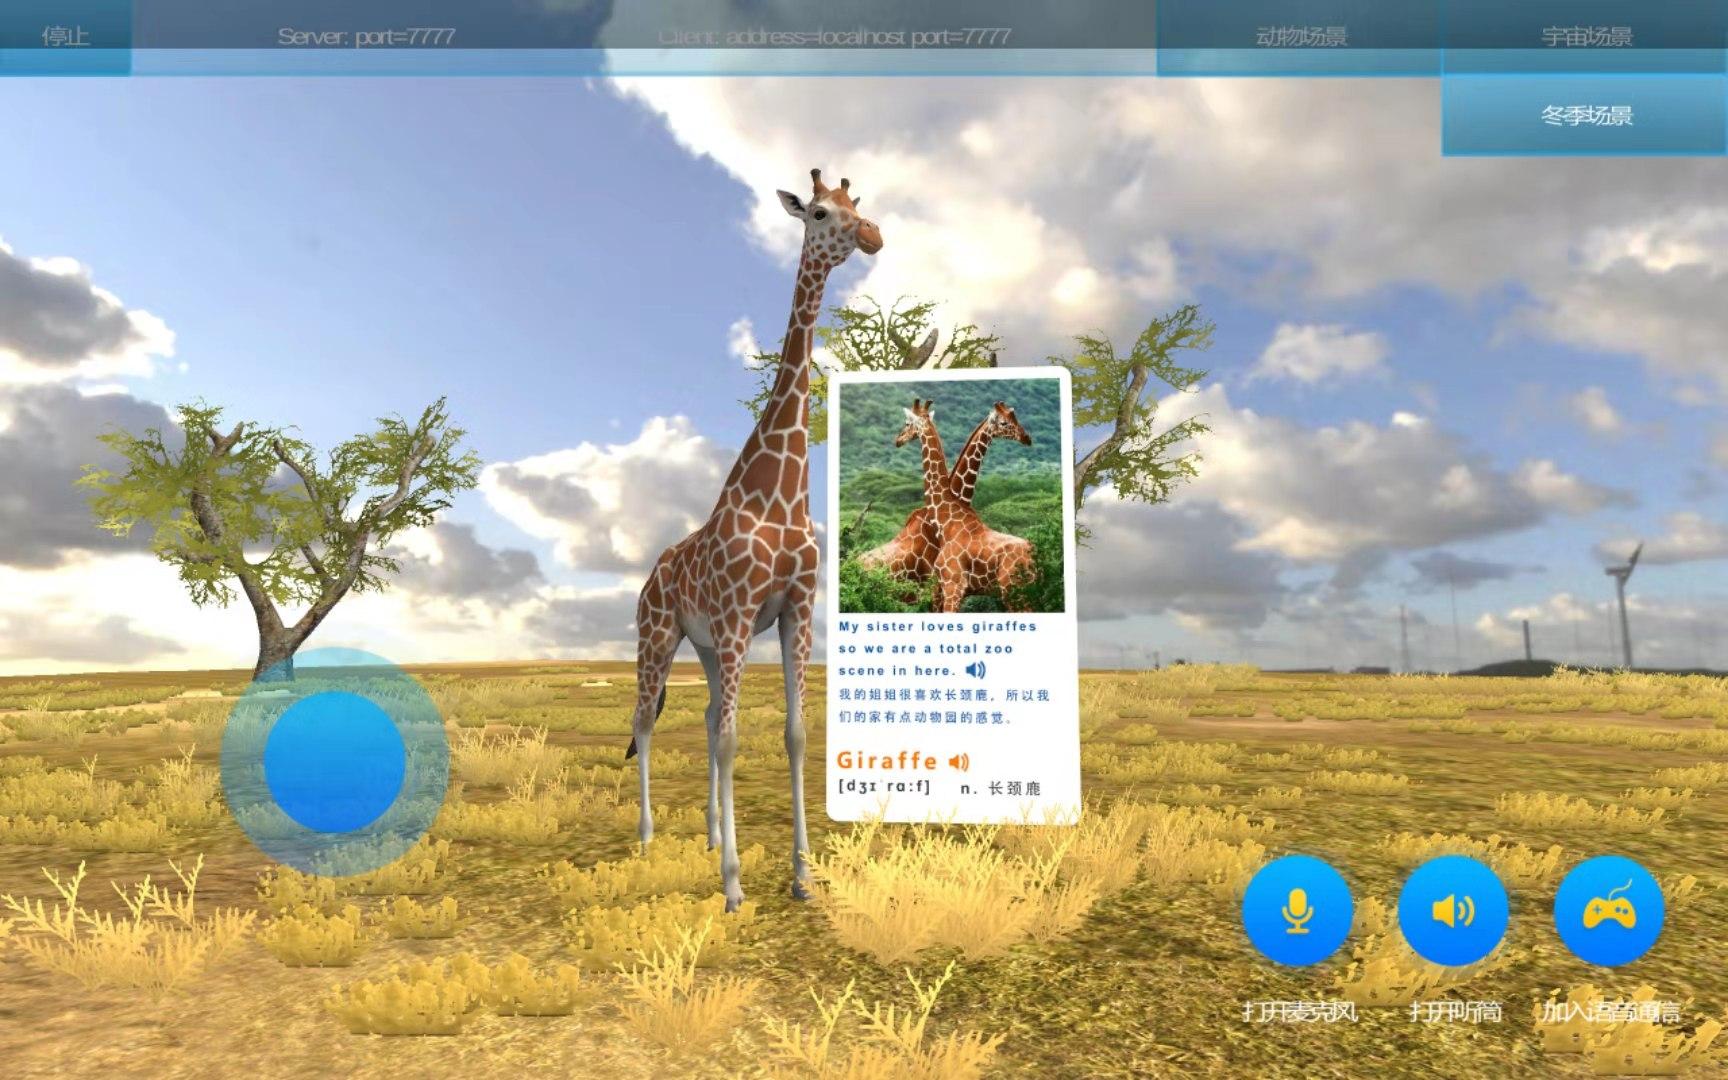 VR教育平台